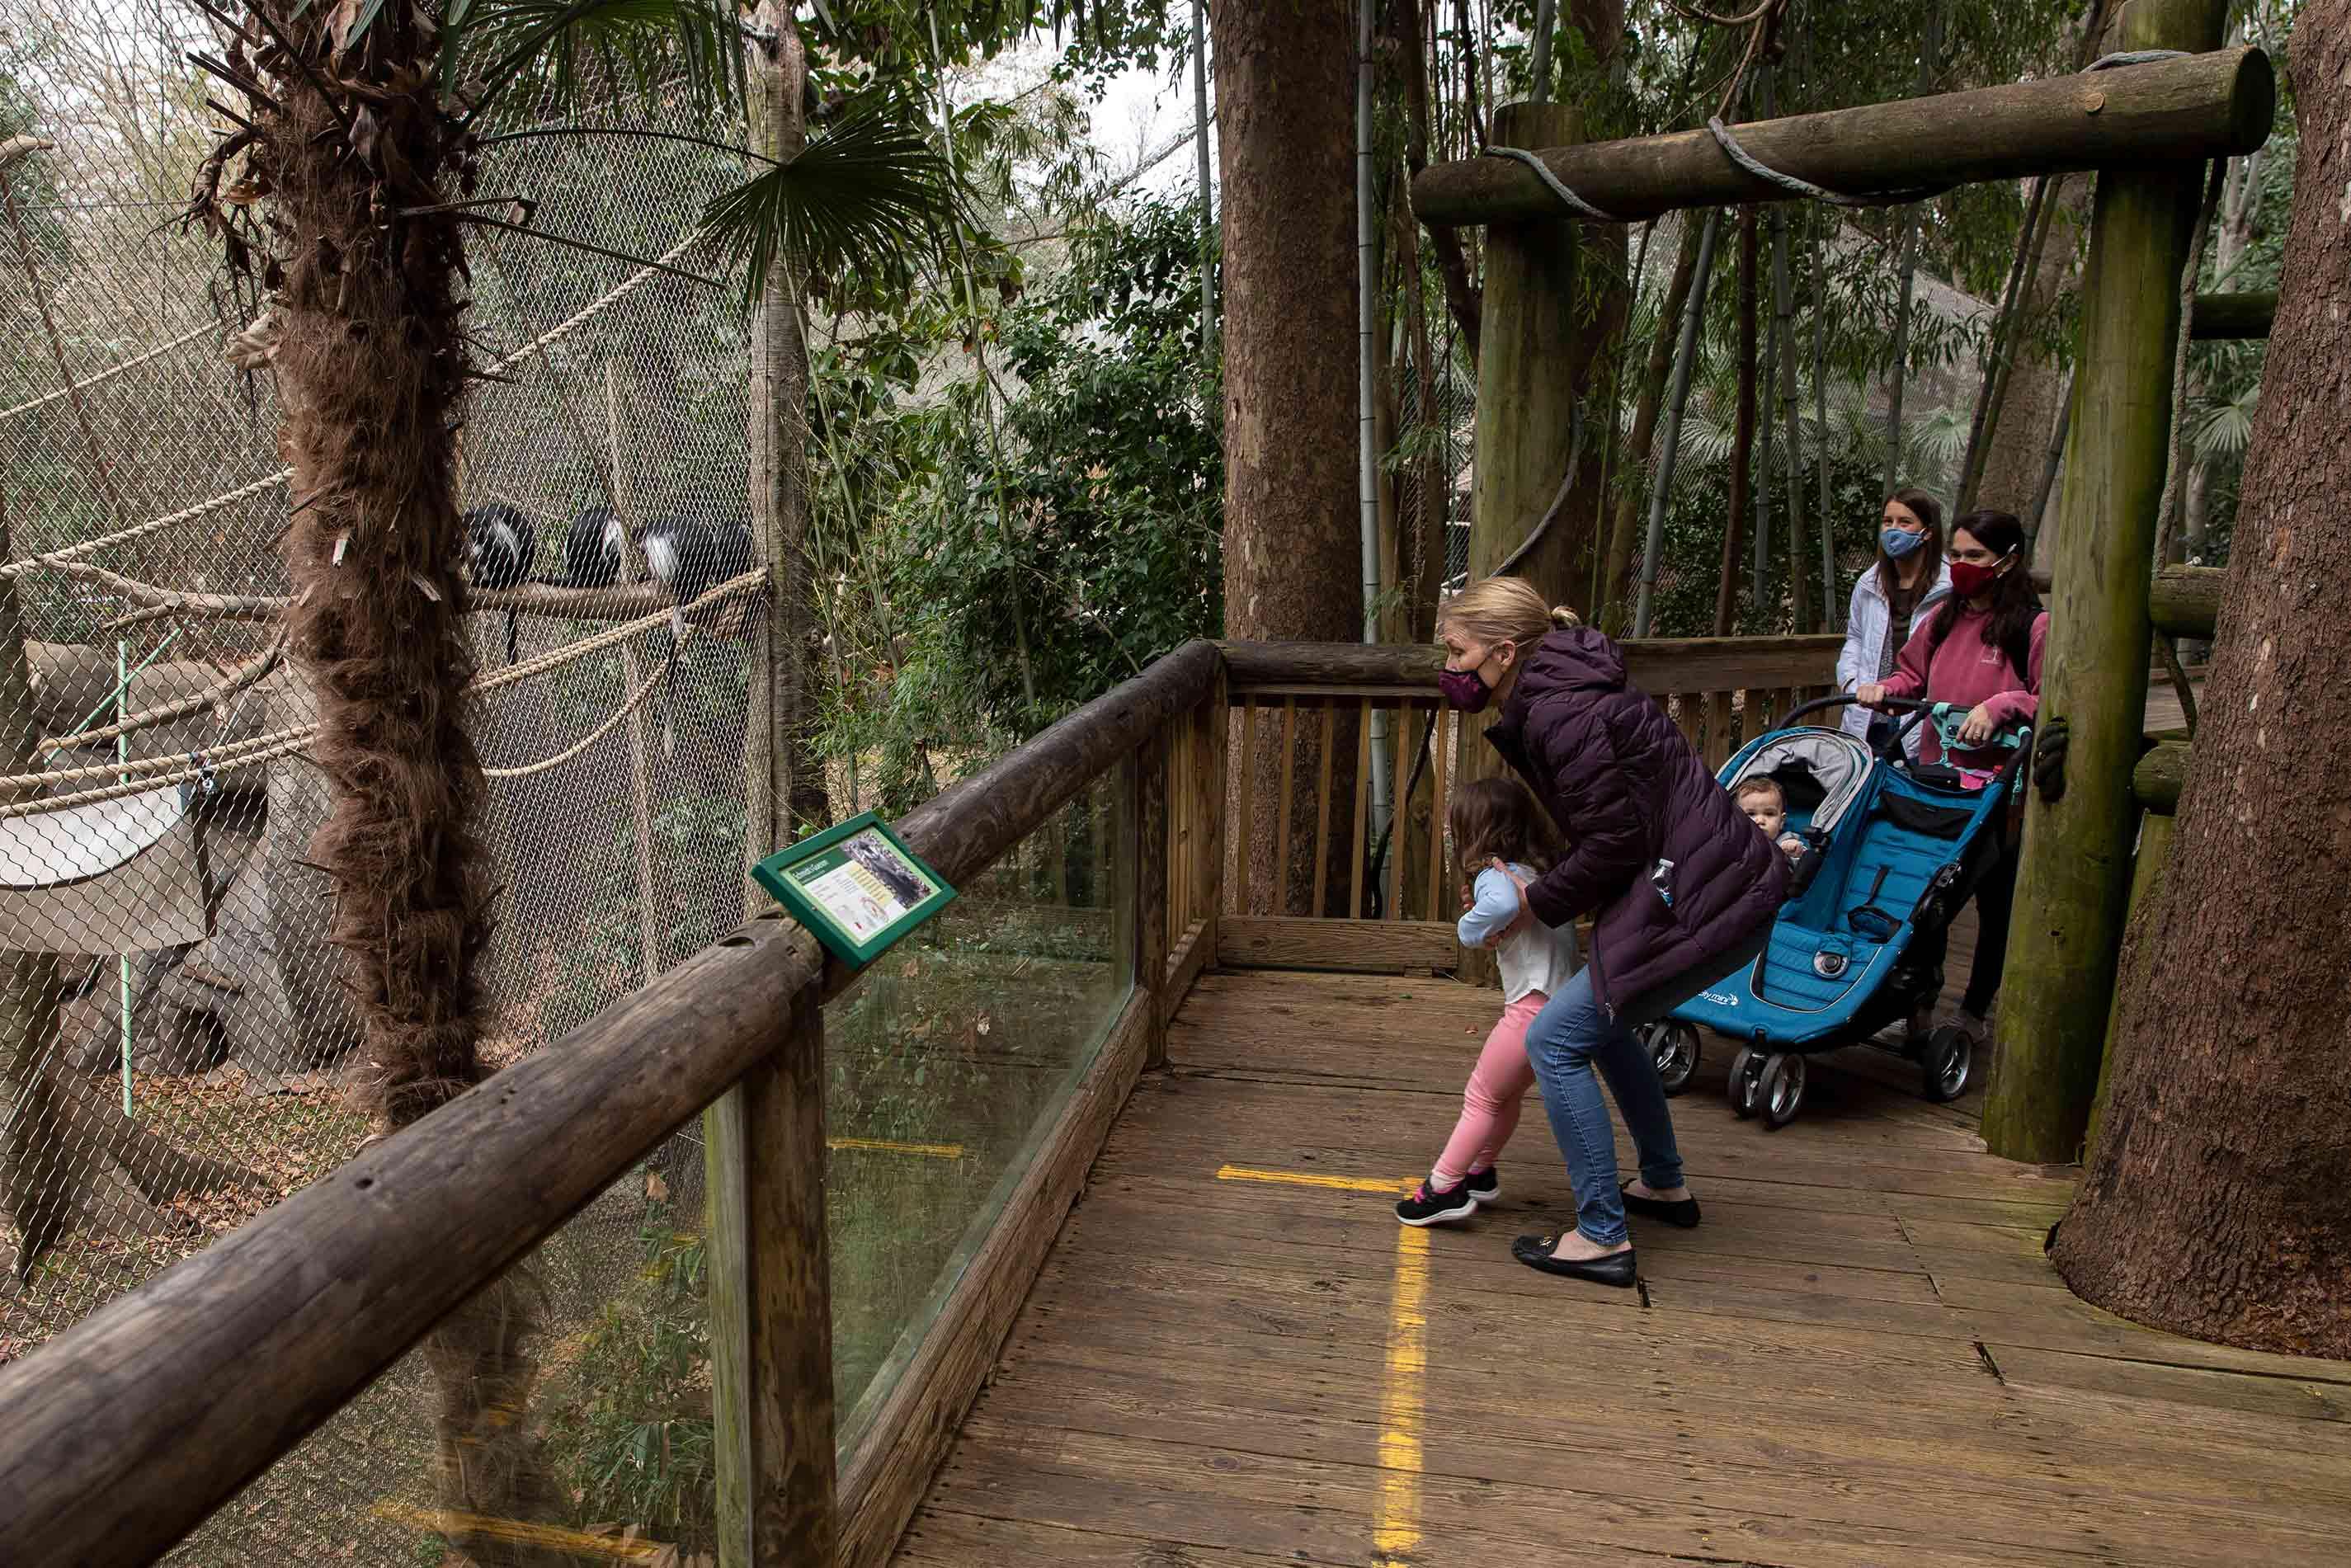 Zoo Atlanta guests at the Colobus monkey habitat